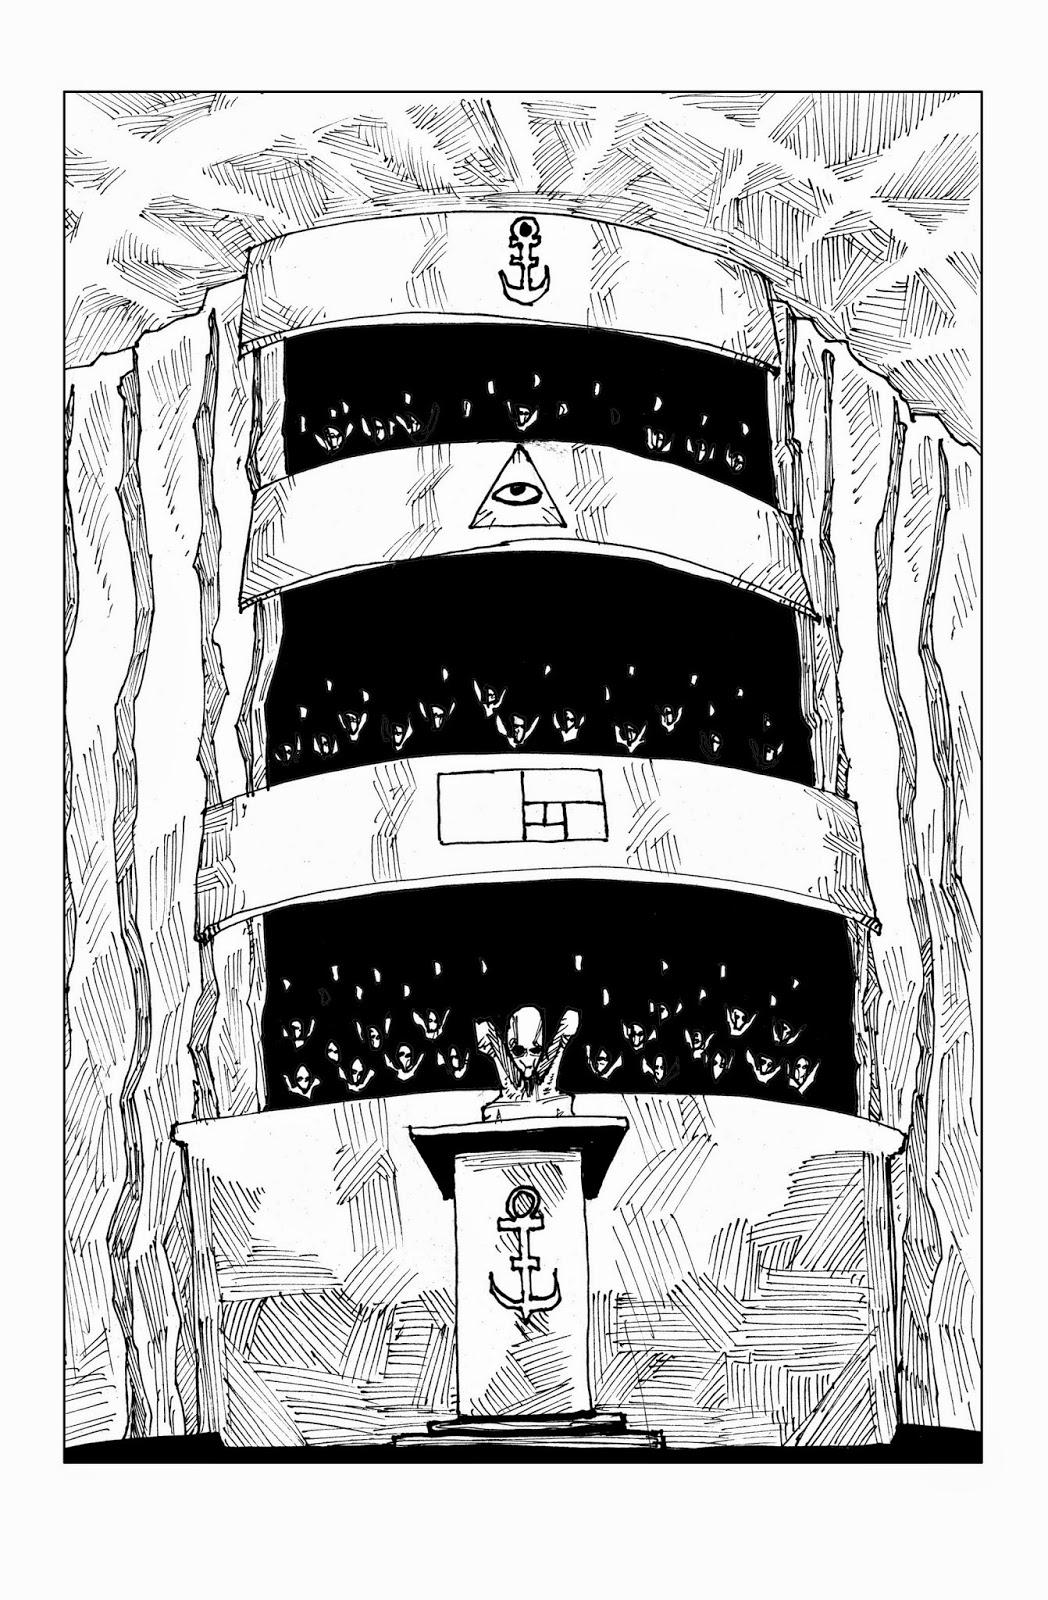 Jon Towers